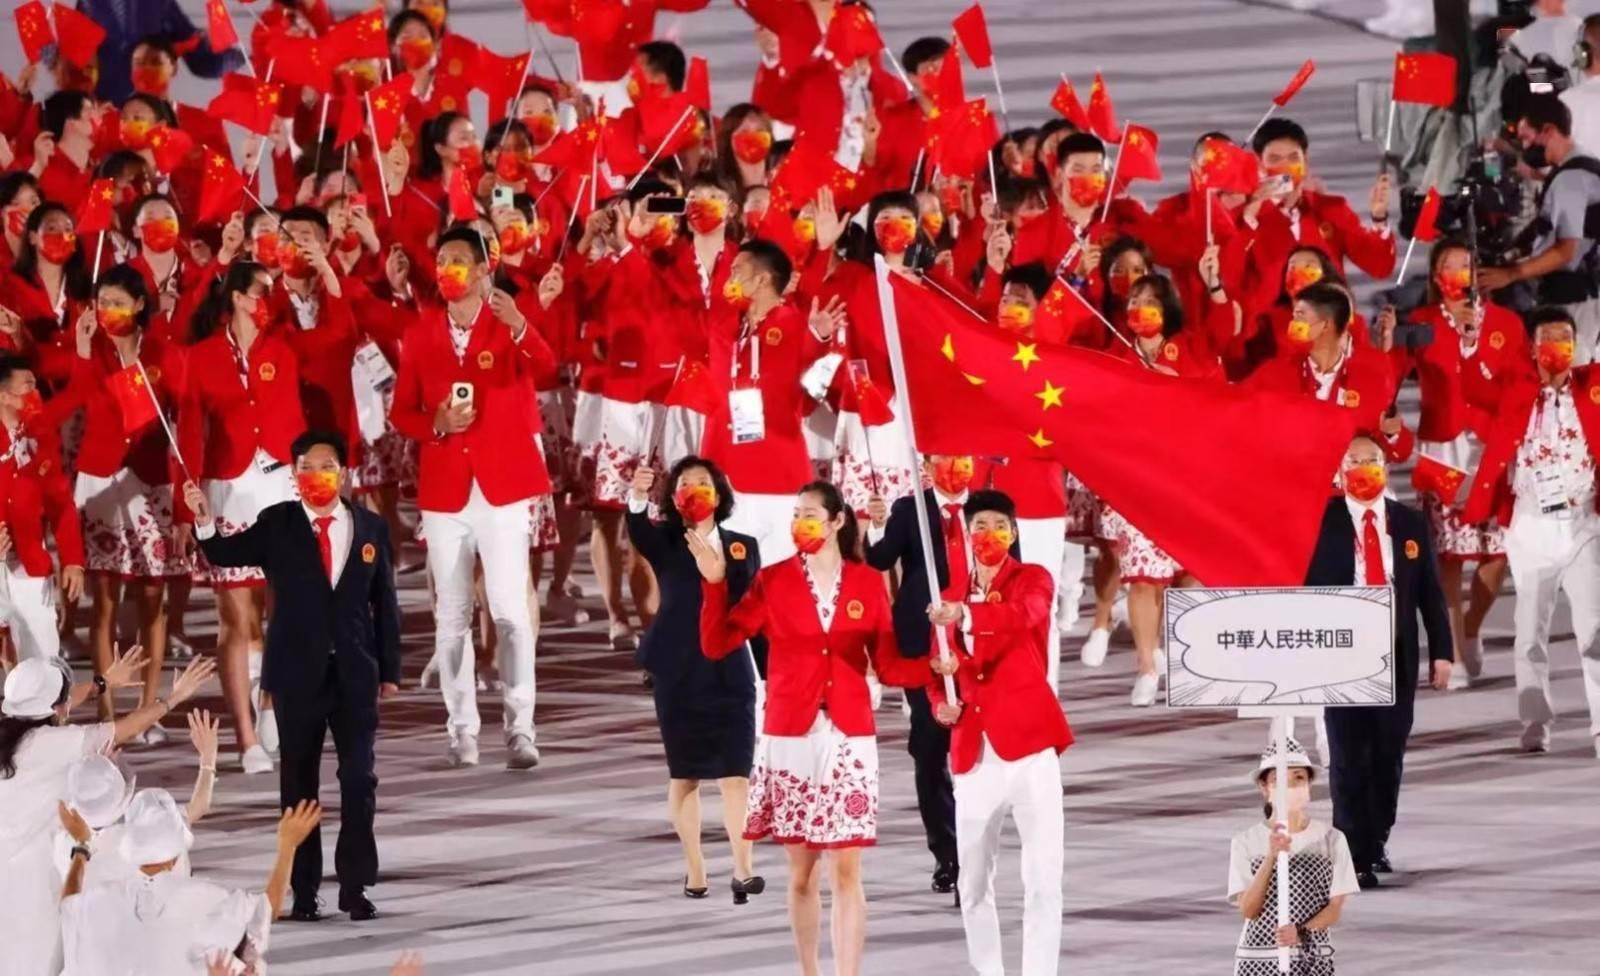 欢迎回家!东京奥运会中国圆满收官 38金32银18铜位列奖牌榜次席_优博娱乐登录